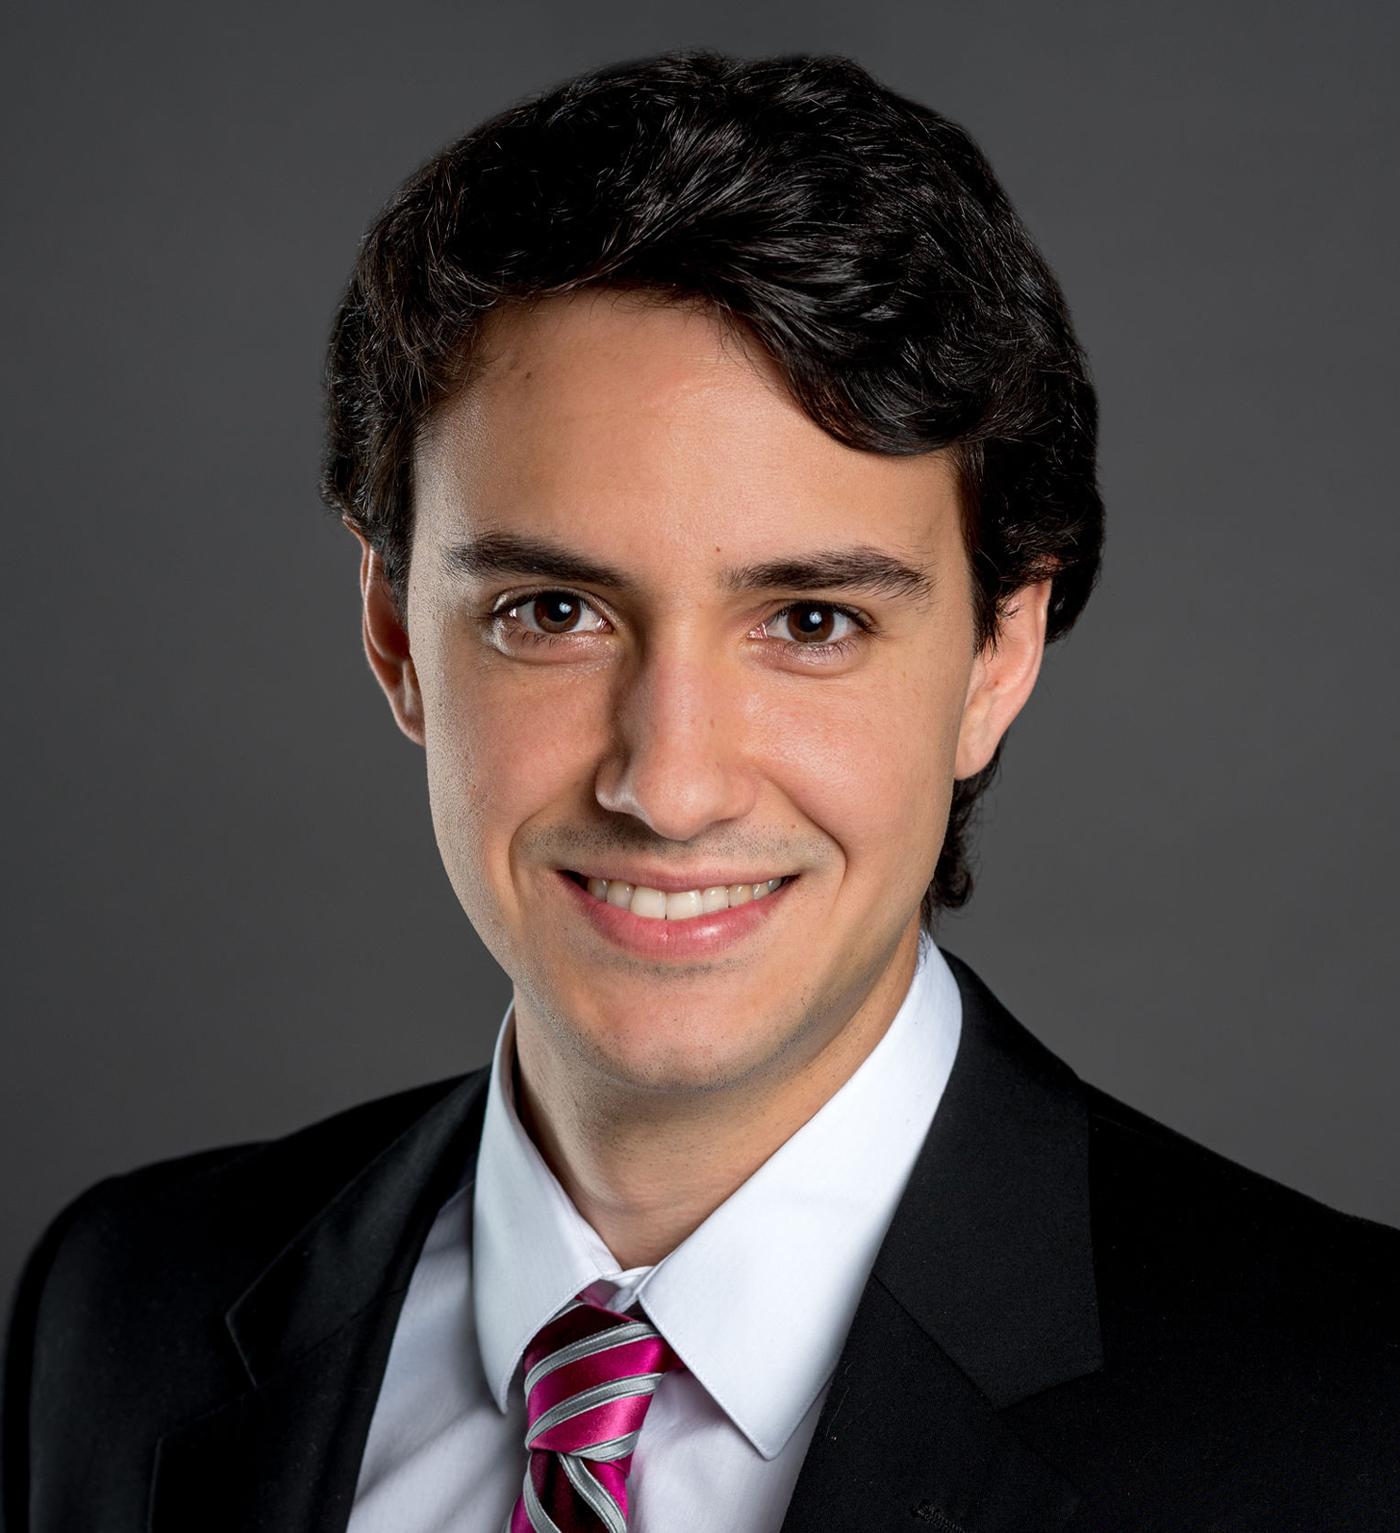 Arthur Farina Headshot   Dakota Investments